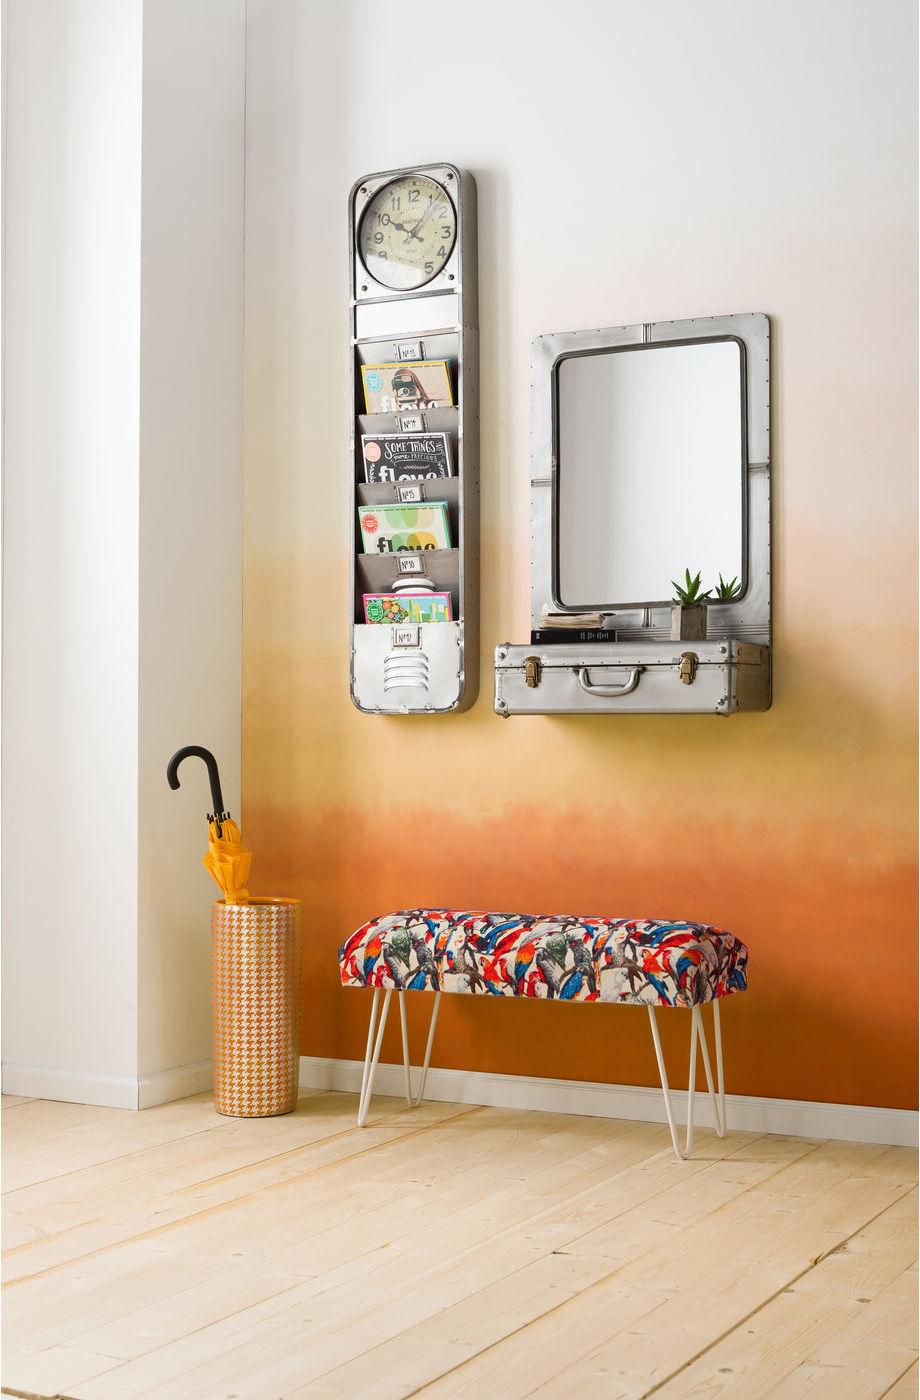 kare design spiegel wandplank suitcase nikkel spiegelglas meubelen. Black Bedroom Furniture Sets. Home Design Ideas